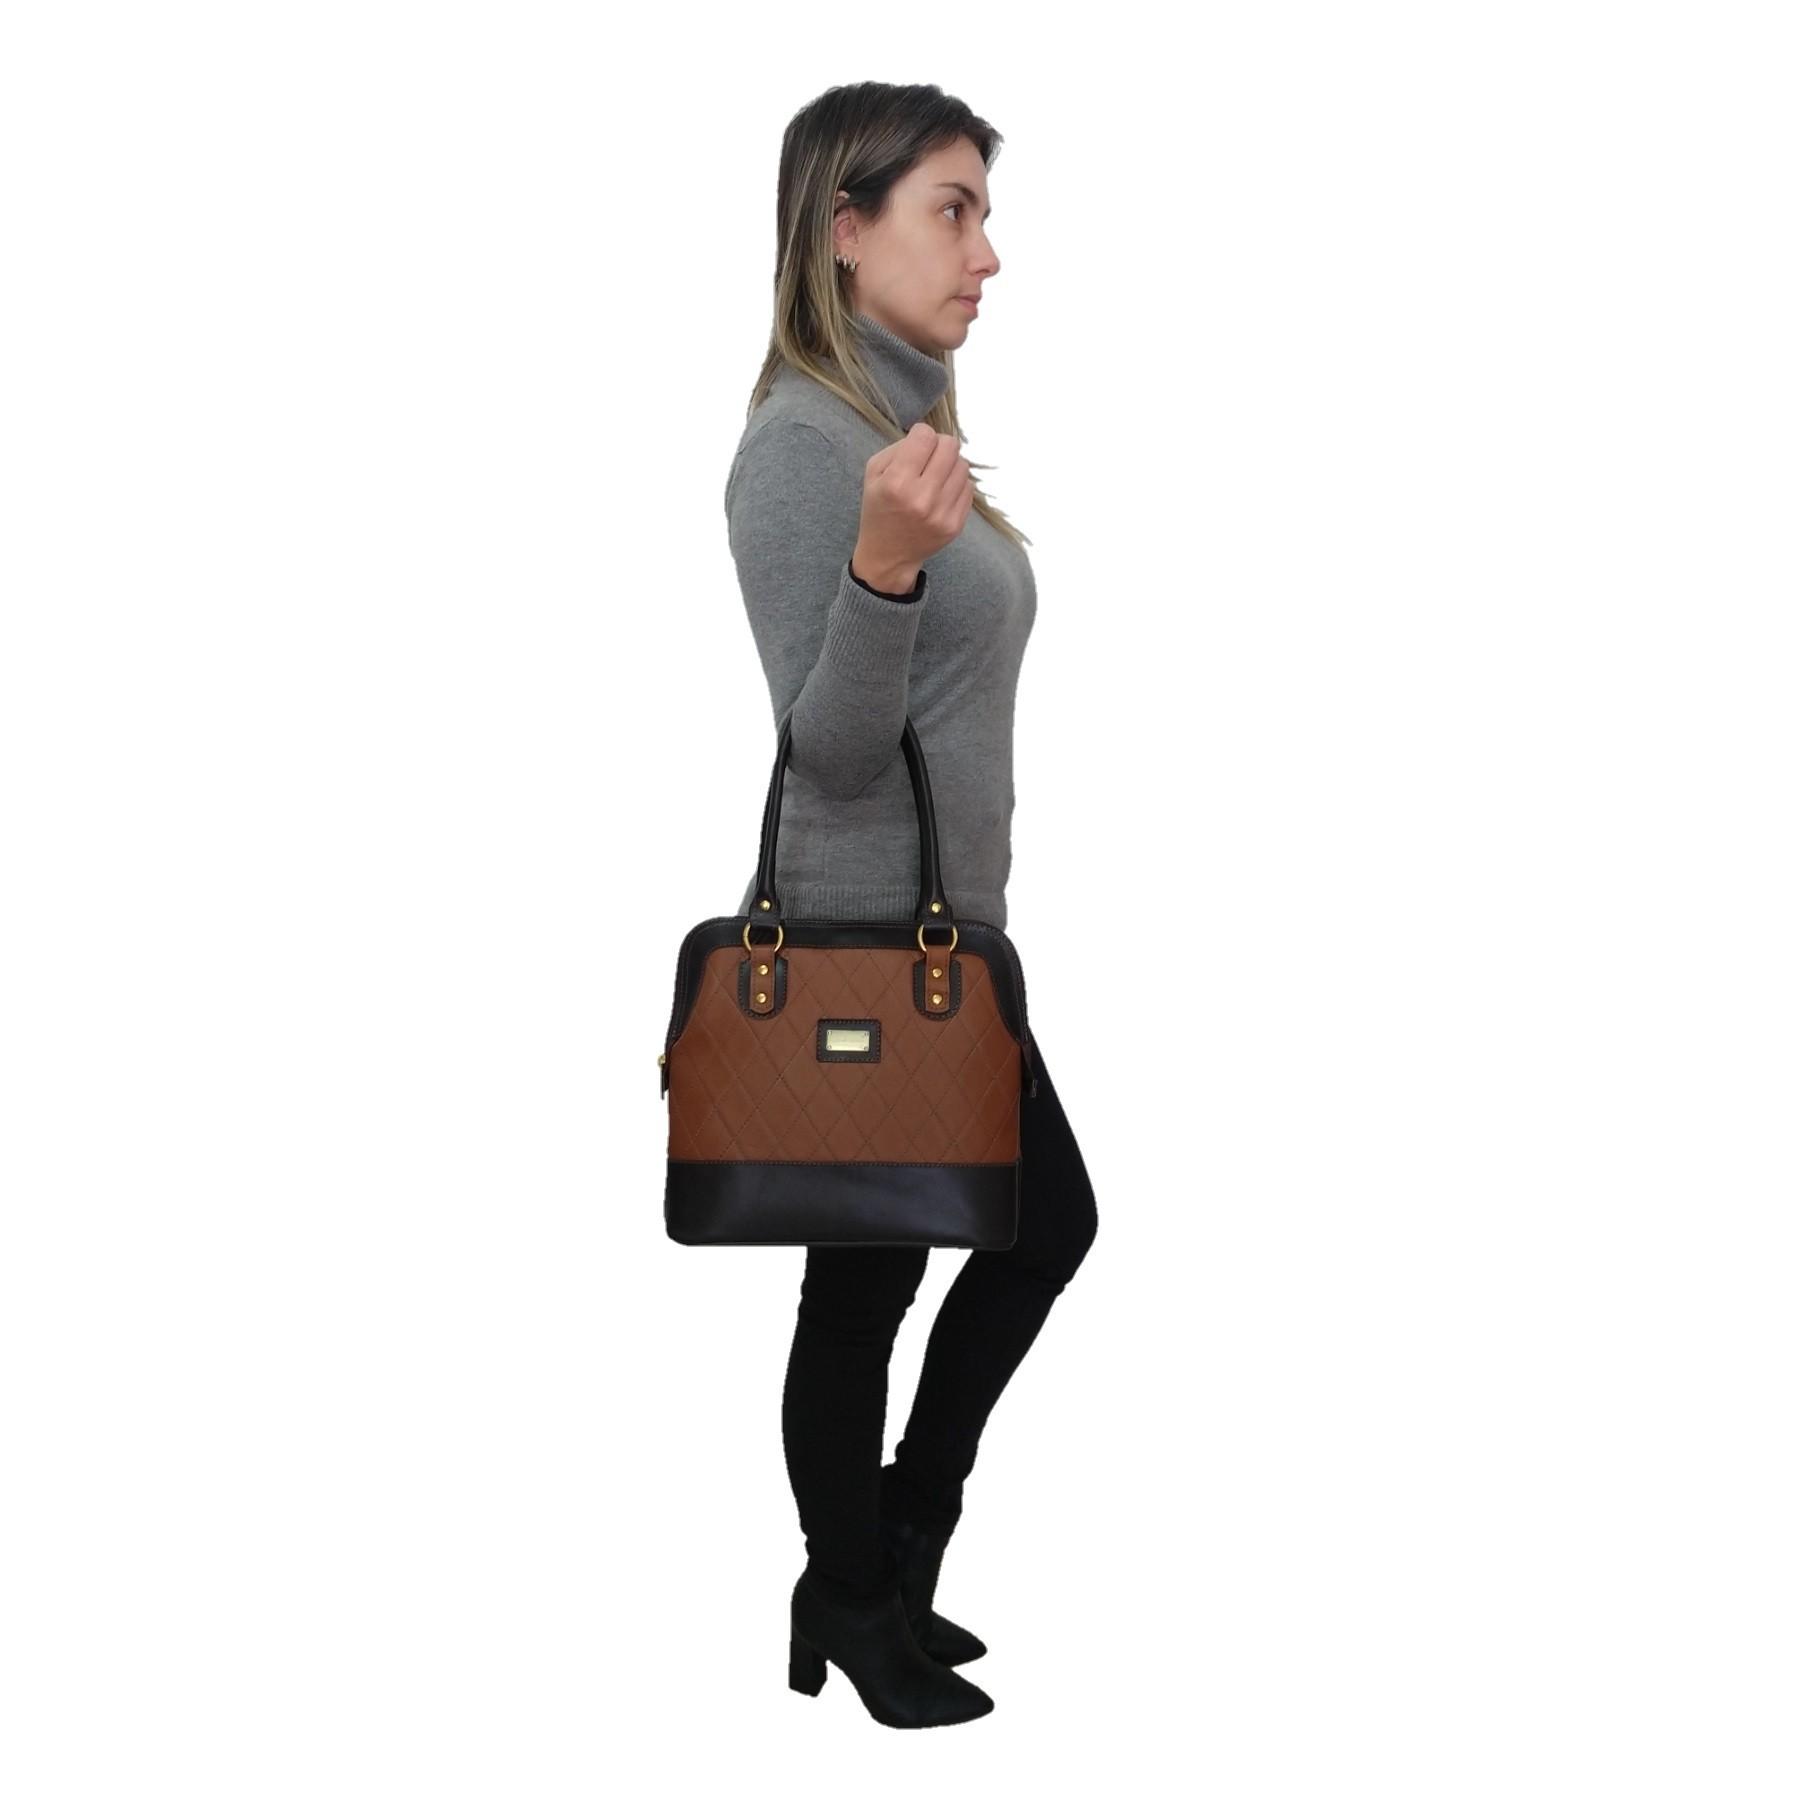 Bolsa Sacola TopGrife Shopper Couro Marrom  - SAPATOWEB.COM